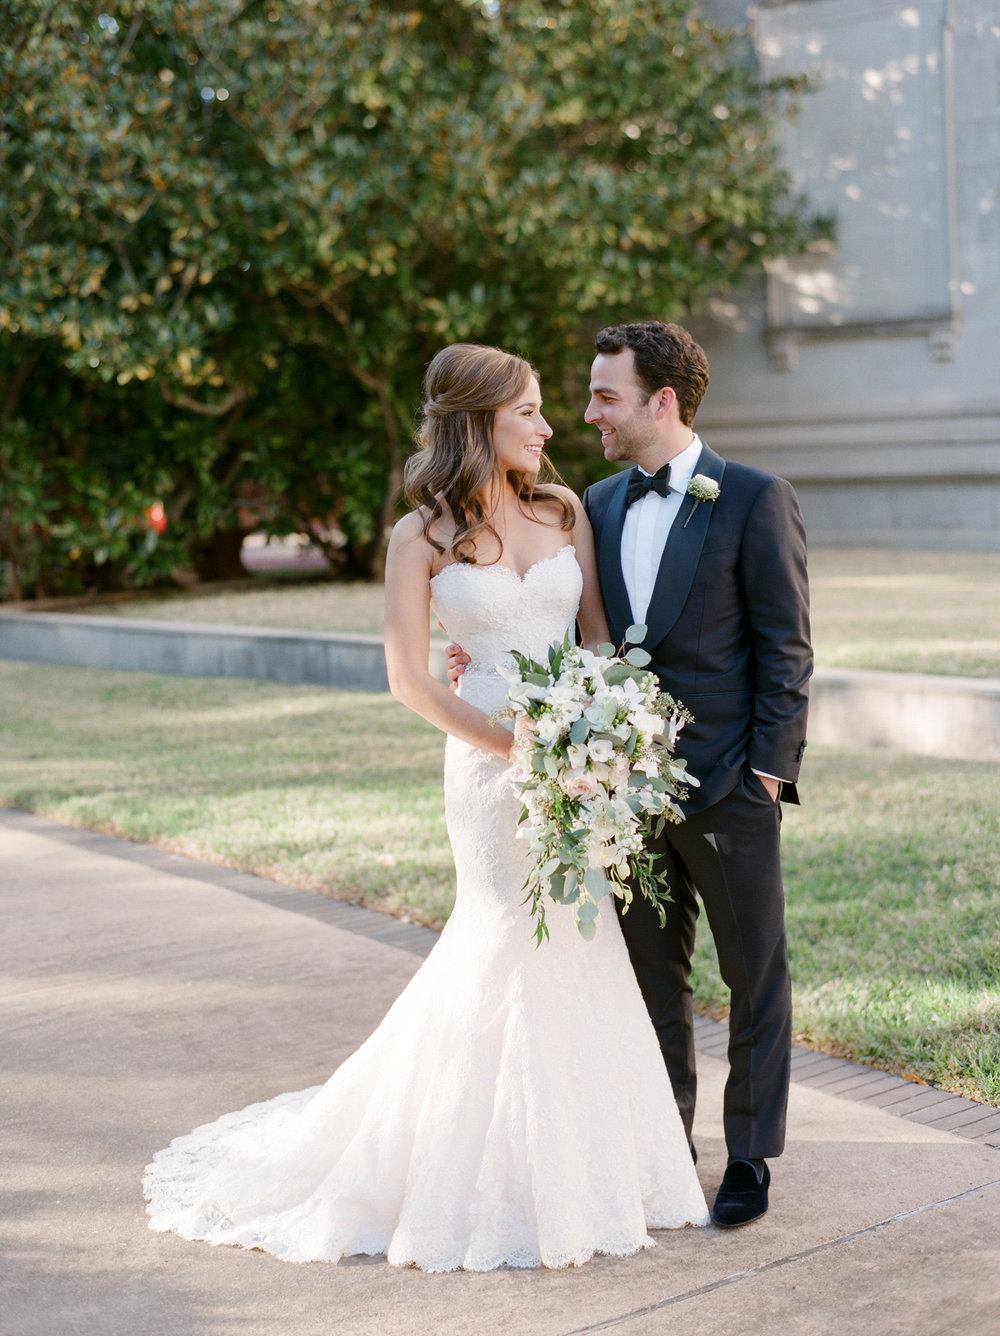 0021__Hotel_Zaza_Houston_Wedding_Photography_Hoffer.jpg